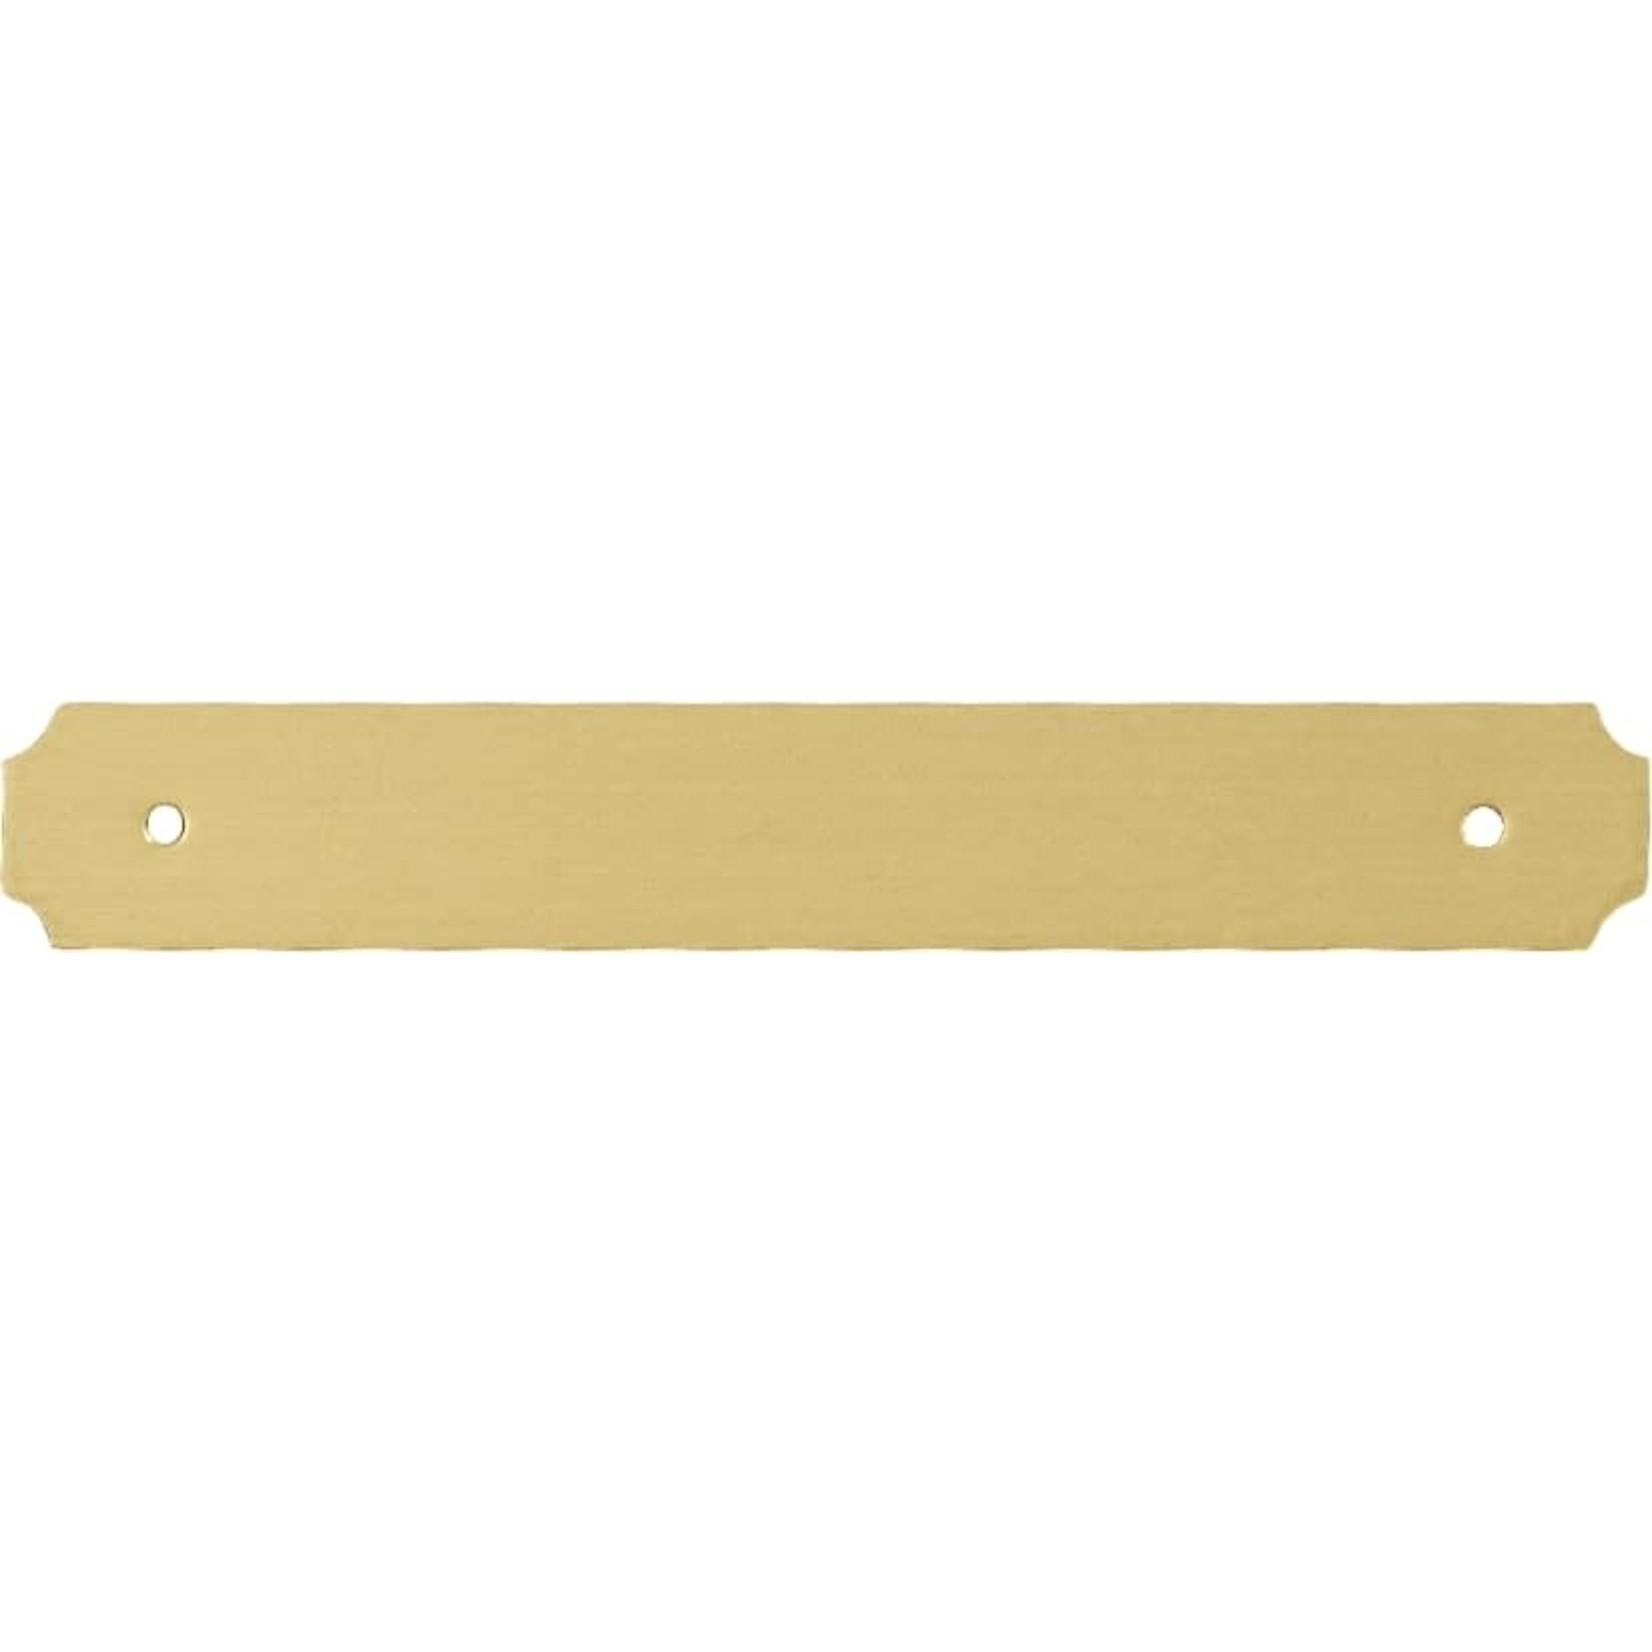 Smulders Diervoeders Messing plaat 6,3cm x 1cm (spijker)